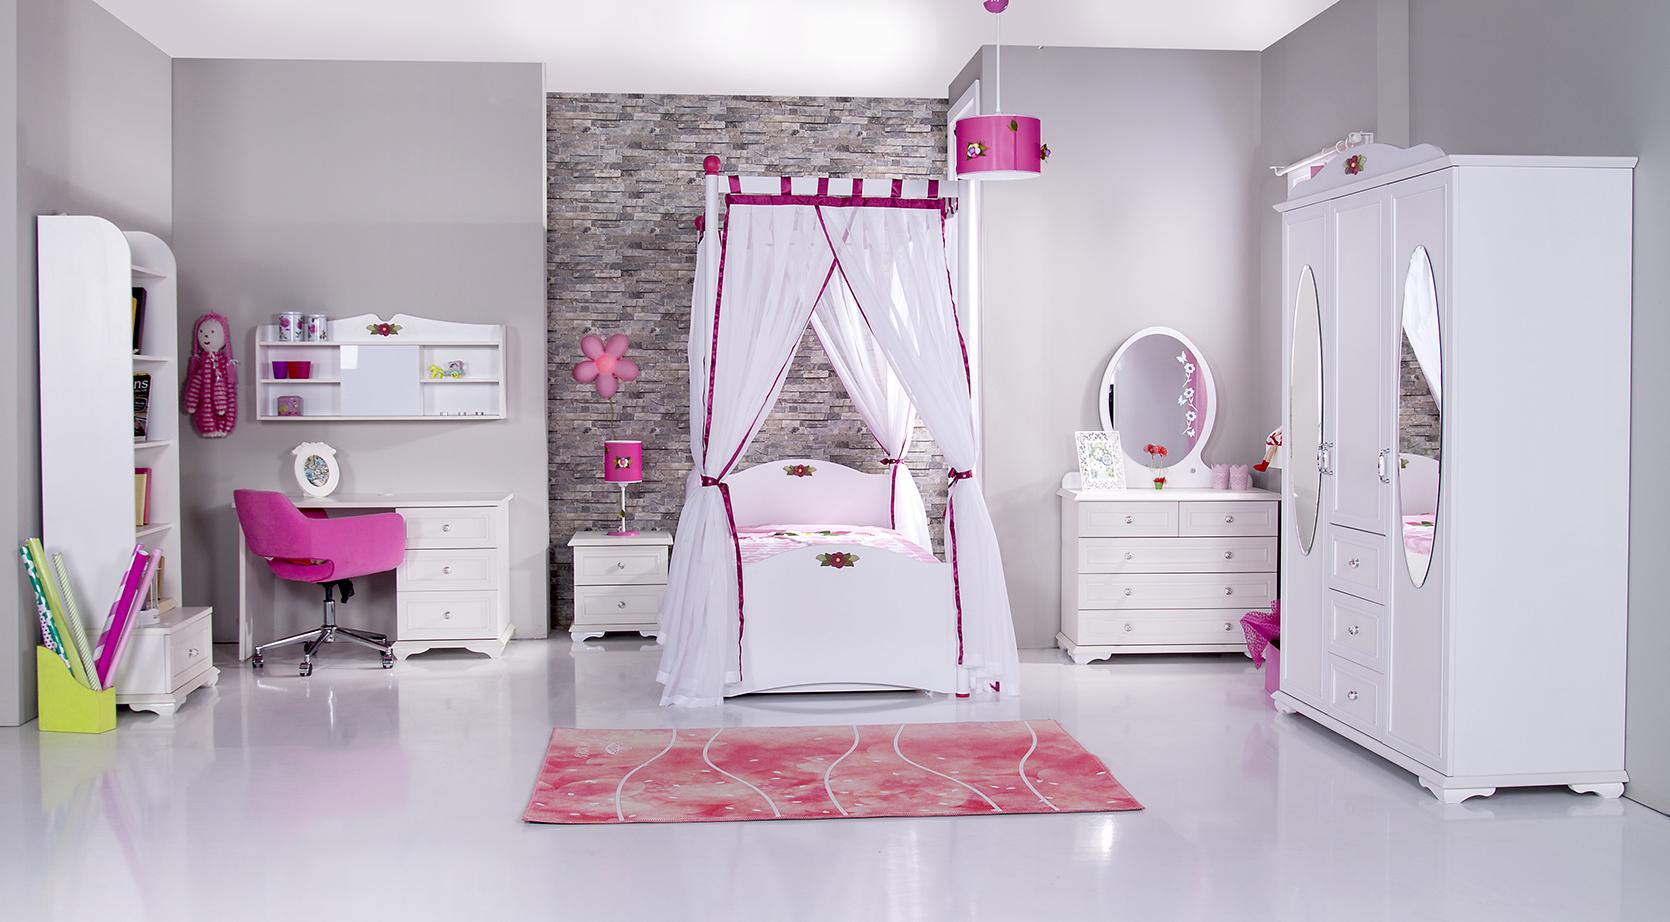 Gordijnen idee meisjeskamer for Meisje slaapkamer idee